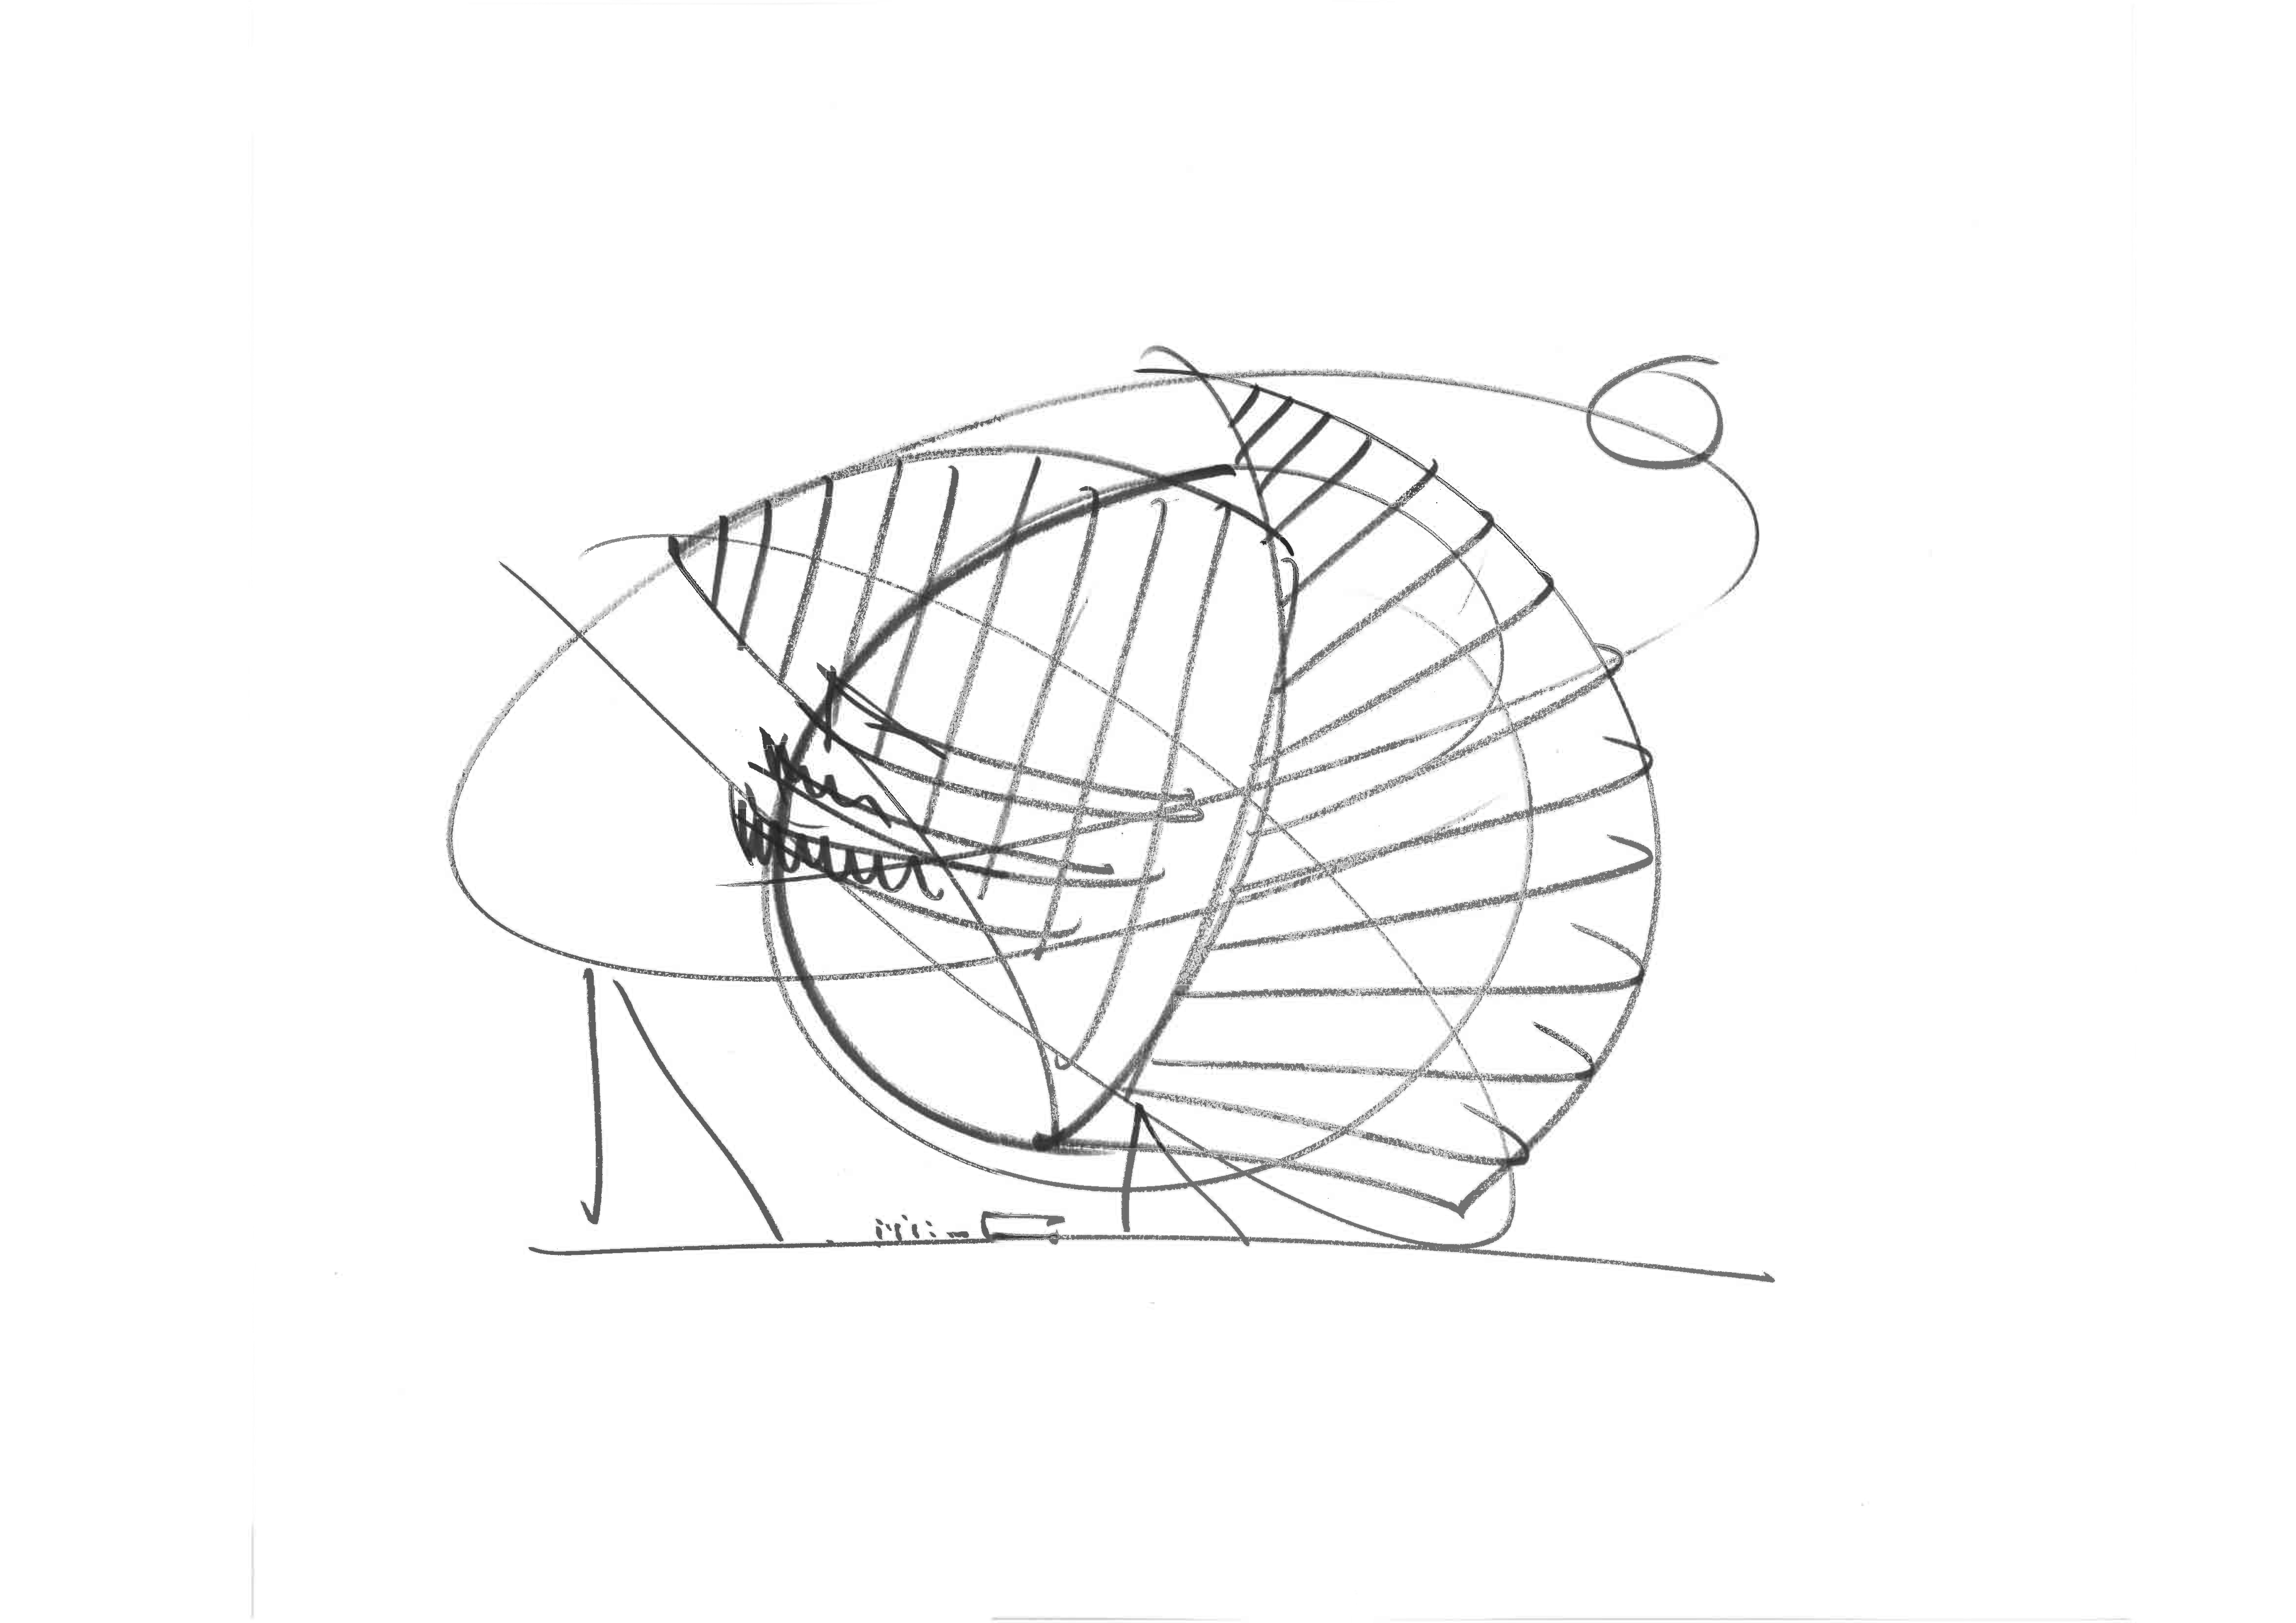 150211_OE sketch07 (4)